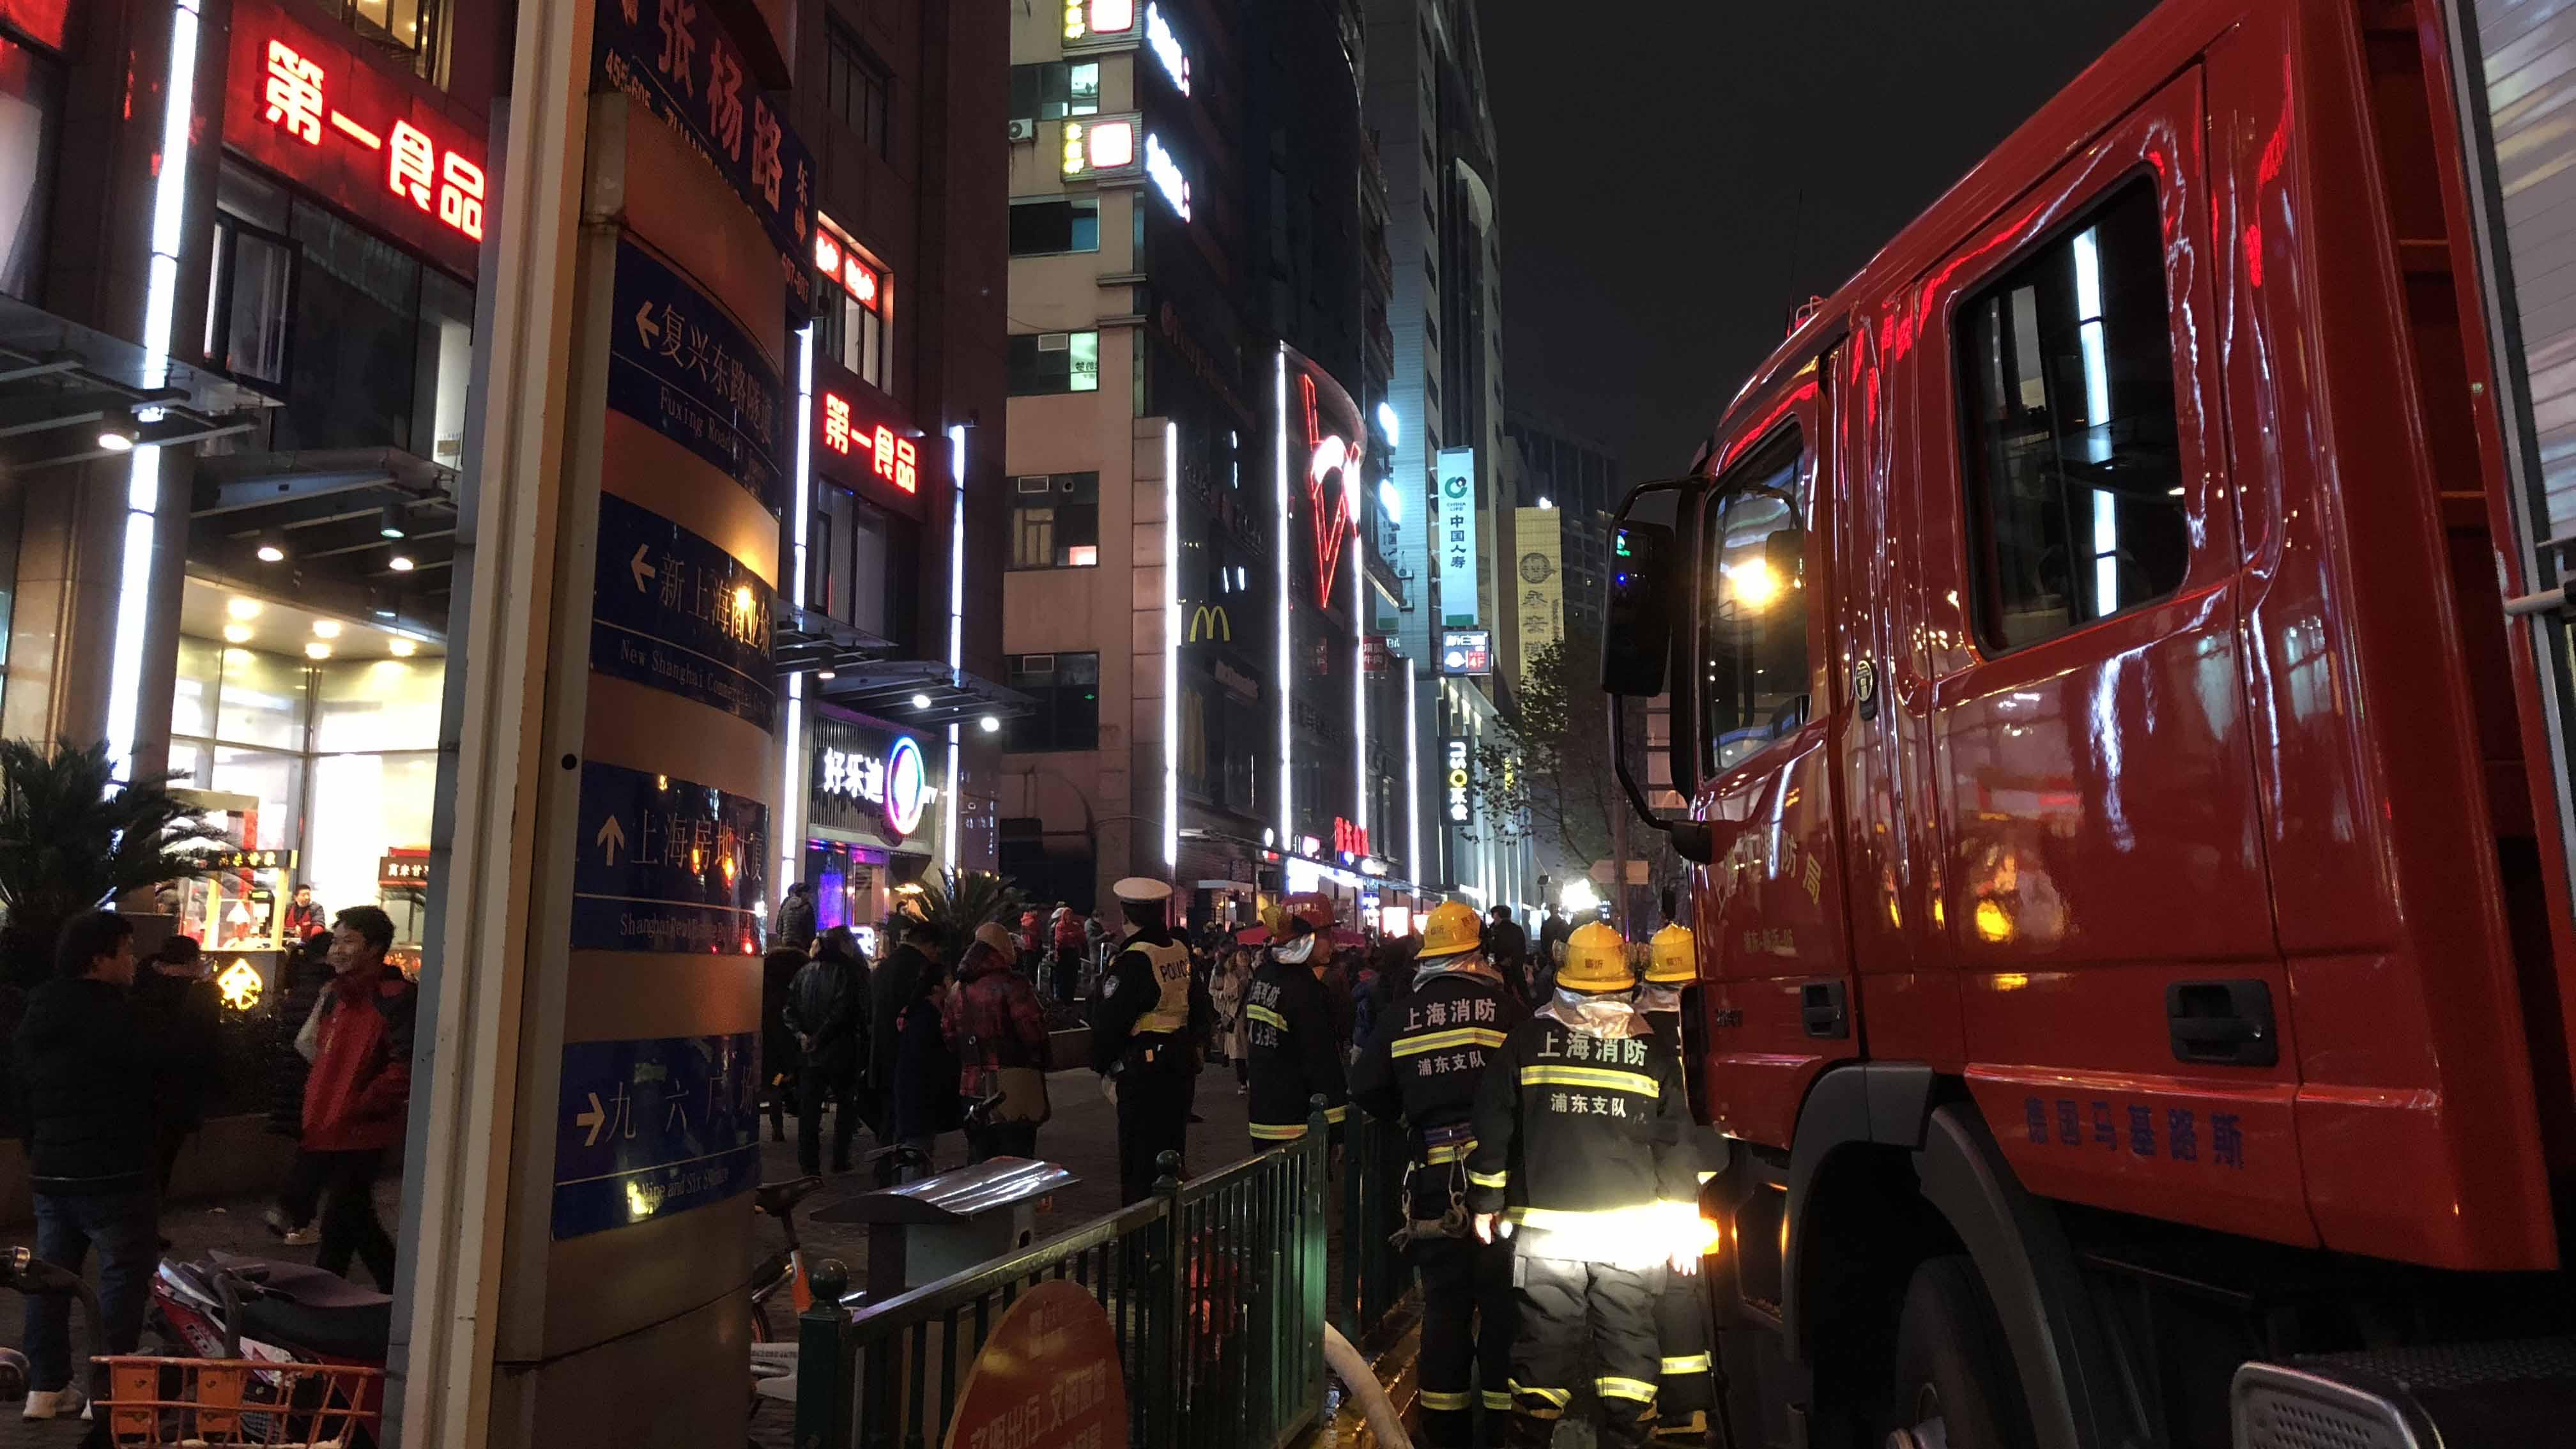 上海浦东张杨路一餐厅厨房起火 火已灭